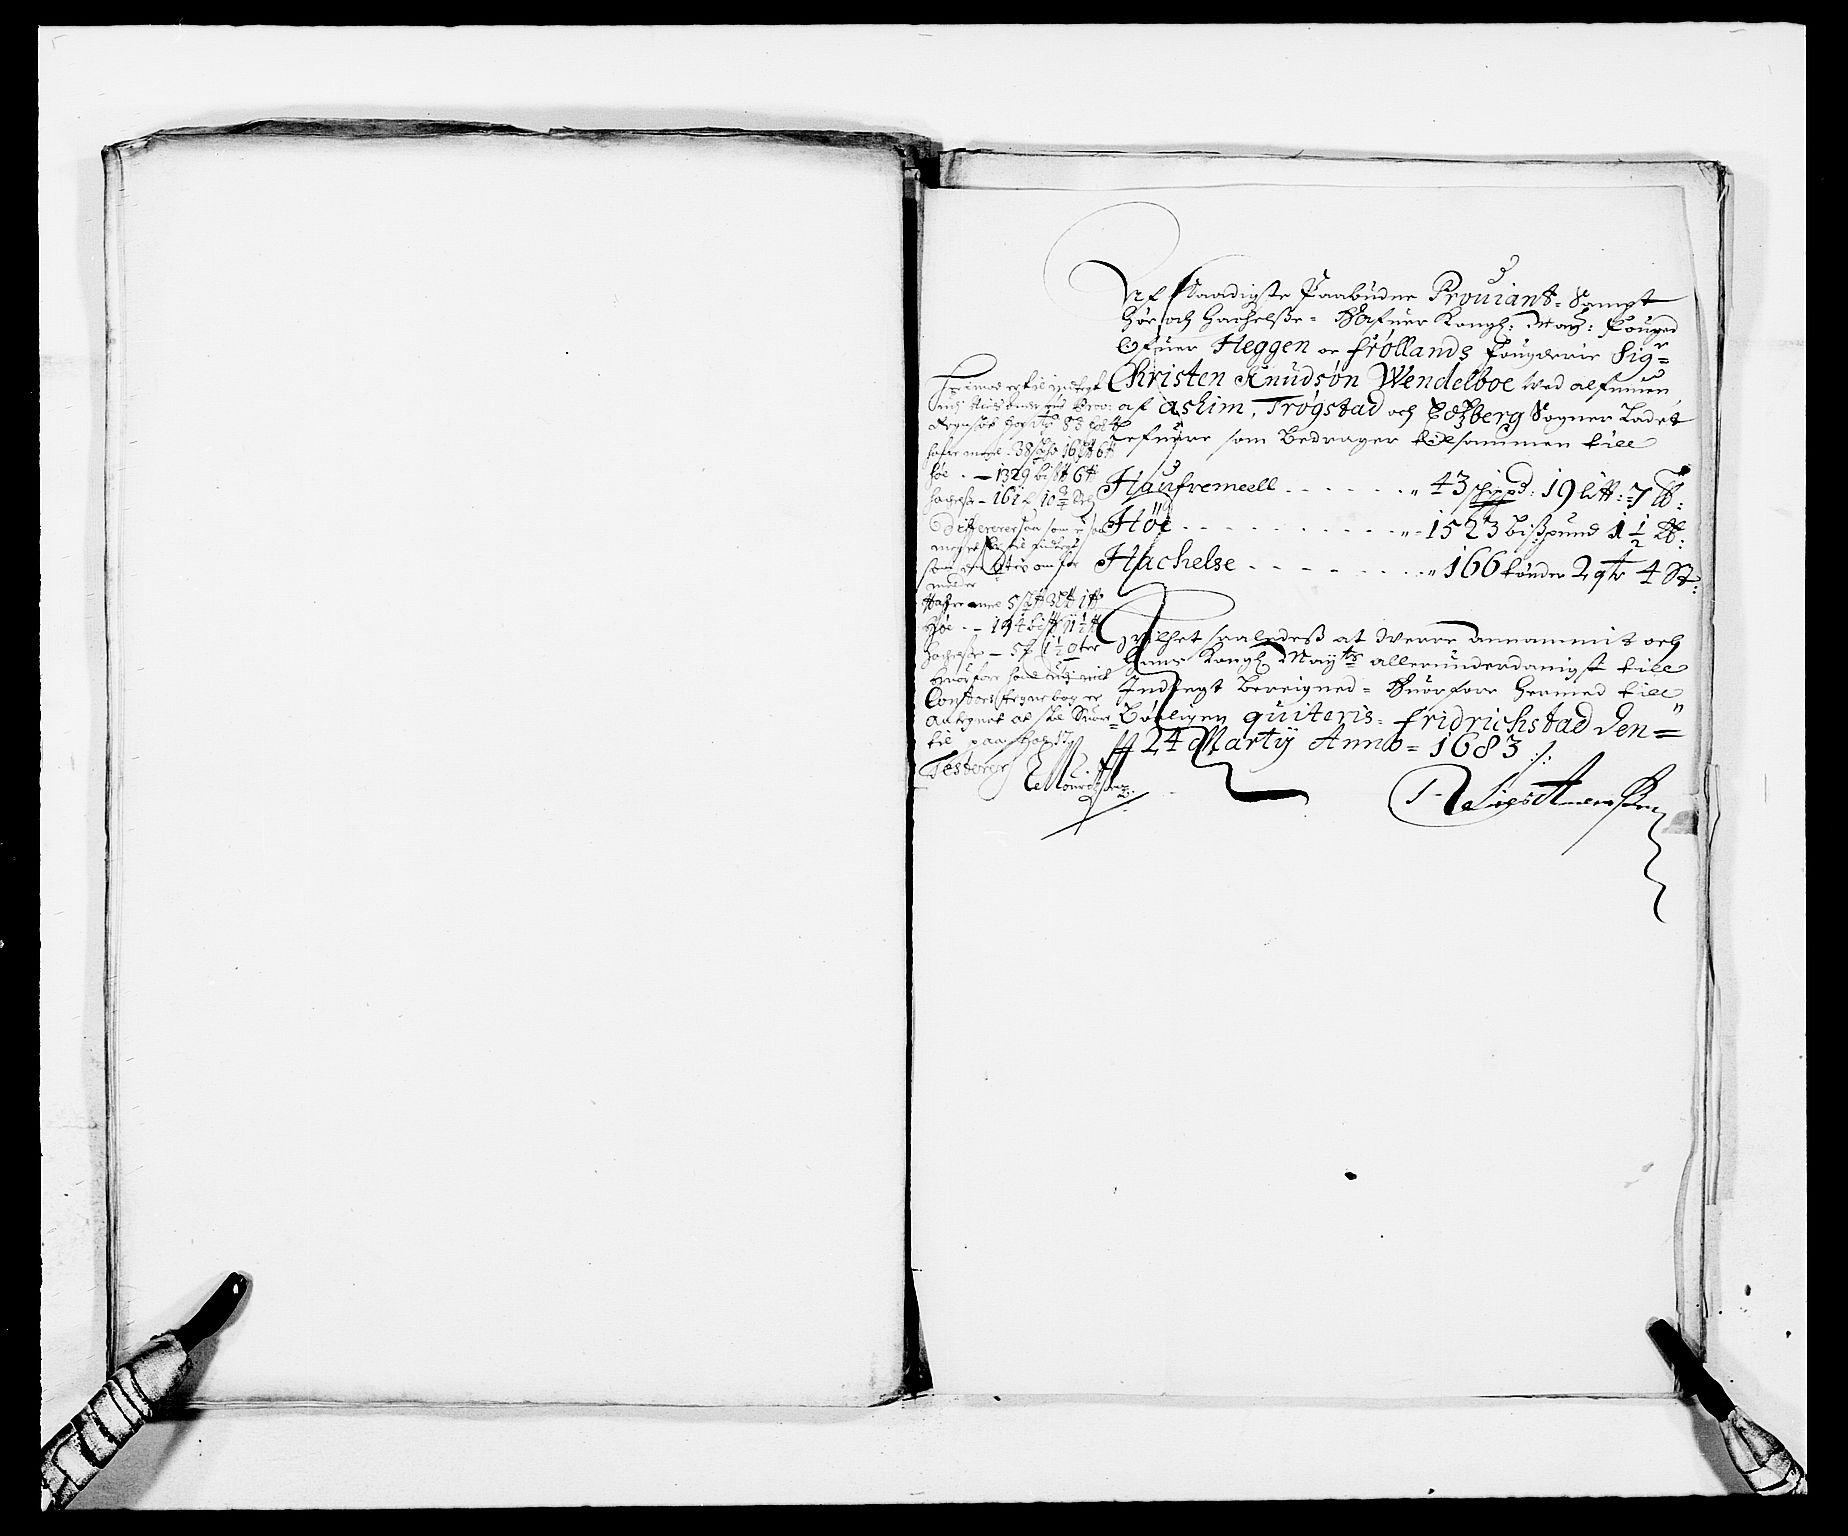 RA, Rentekammeret inntil 1814, Reviderte regnskaper, Fogderegnskap, R06/L0281: Fogderegnskap Heggen og Frøland, 1678-1686, s. 207